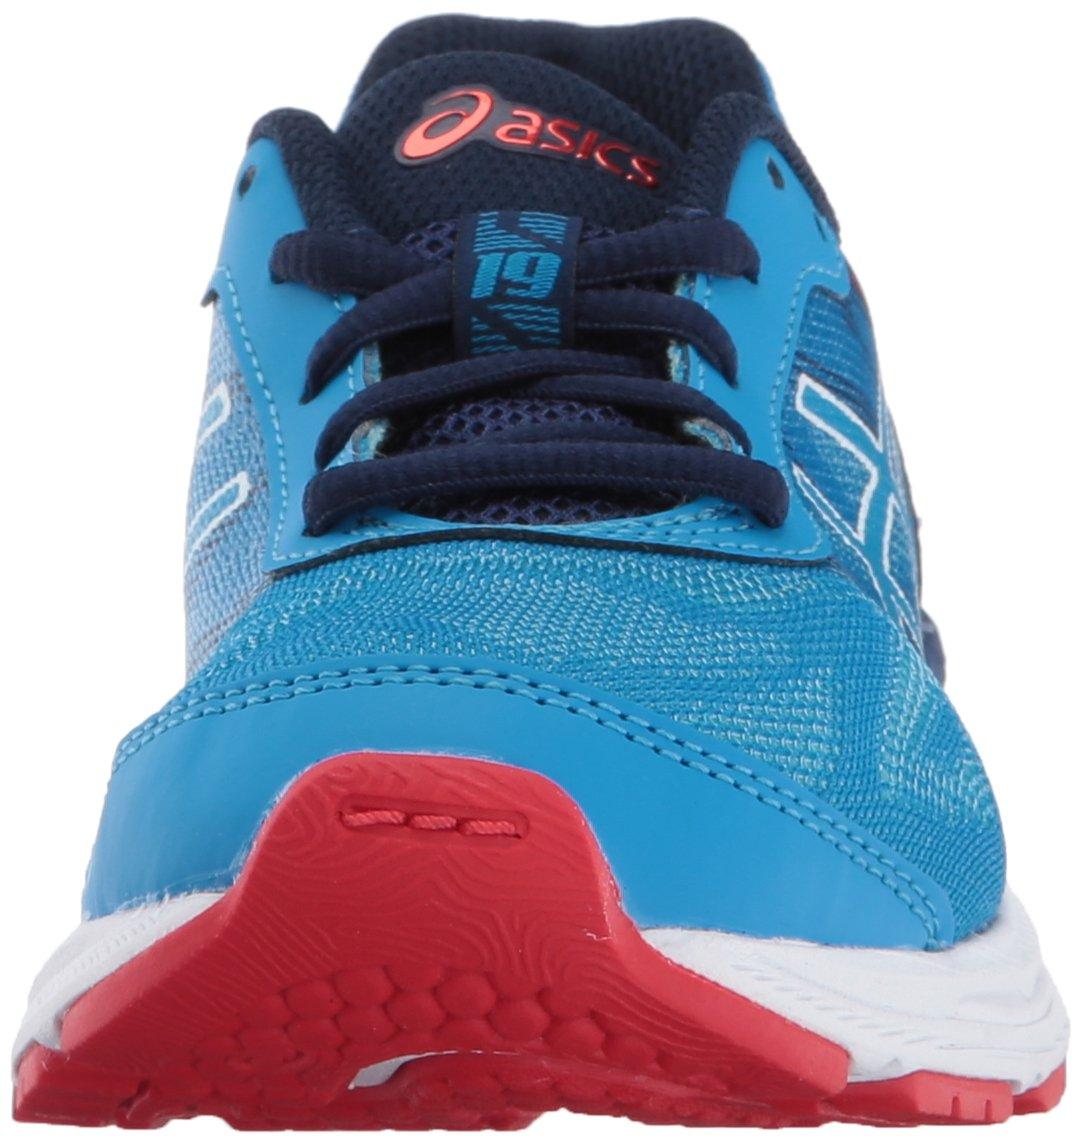 big sale 7ab68 7c8ae ASICS Kids Gel-Nimbus 19 GS Running Shoe Diva White/Indigo ...